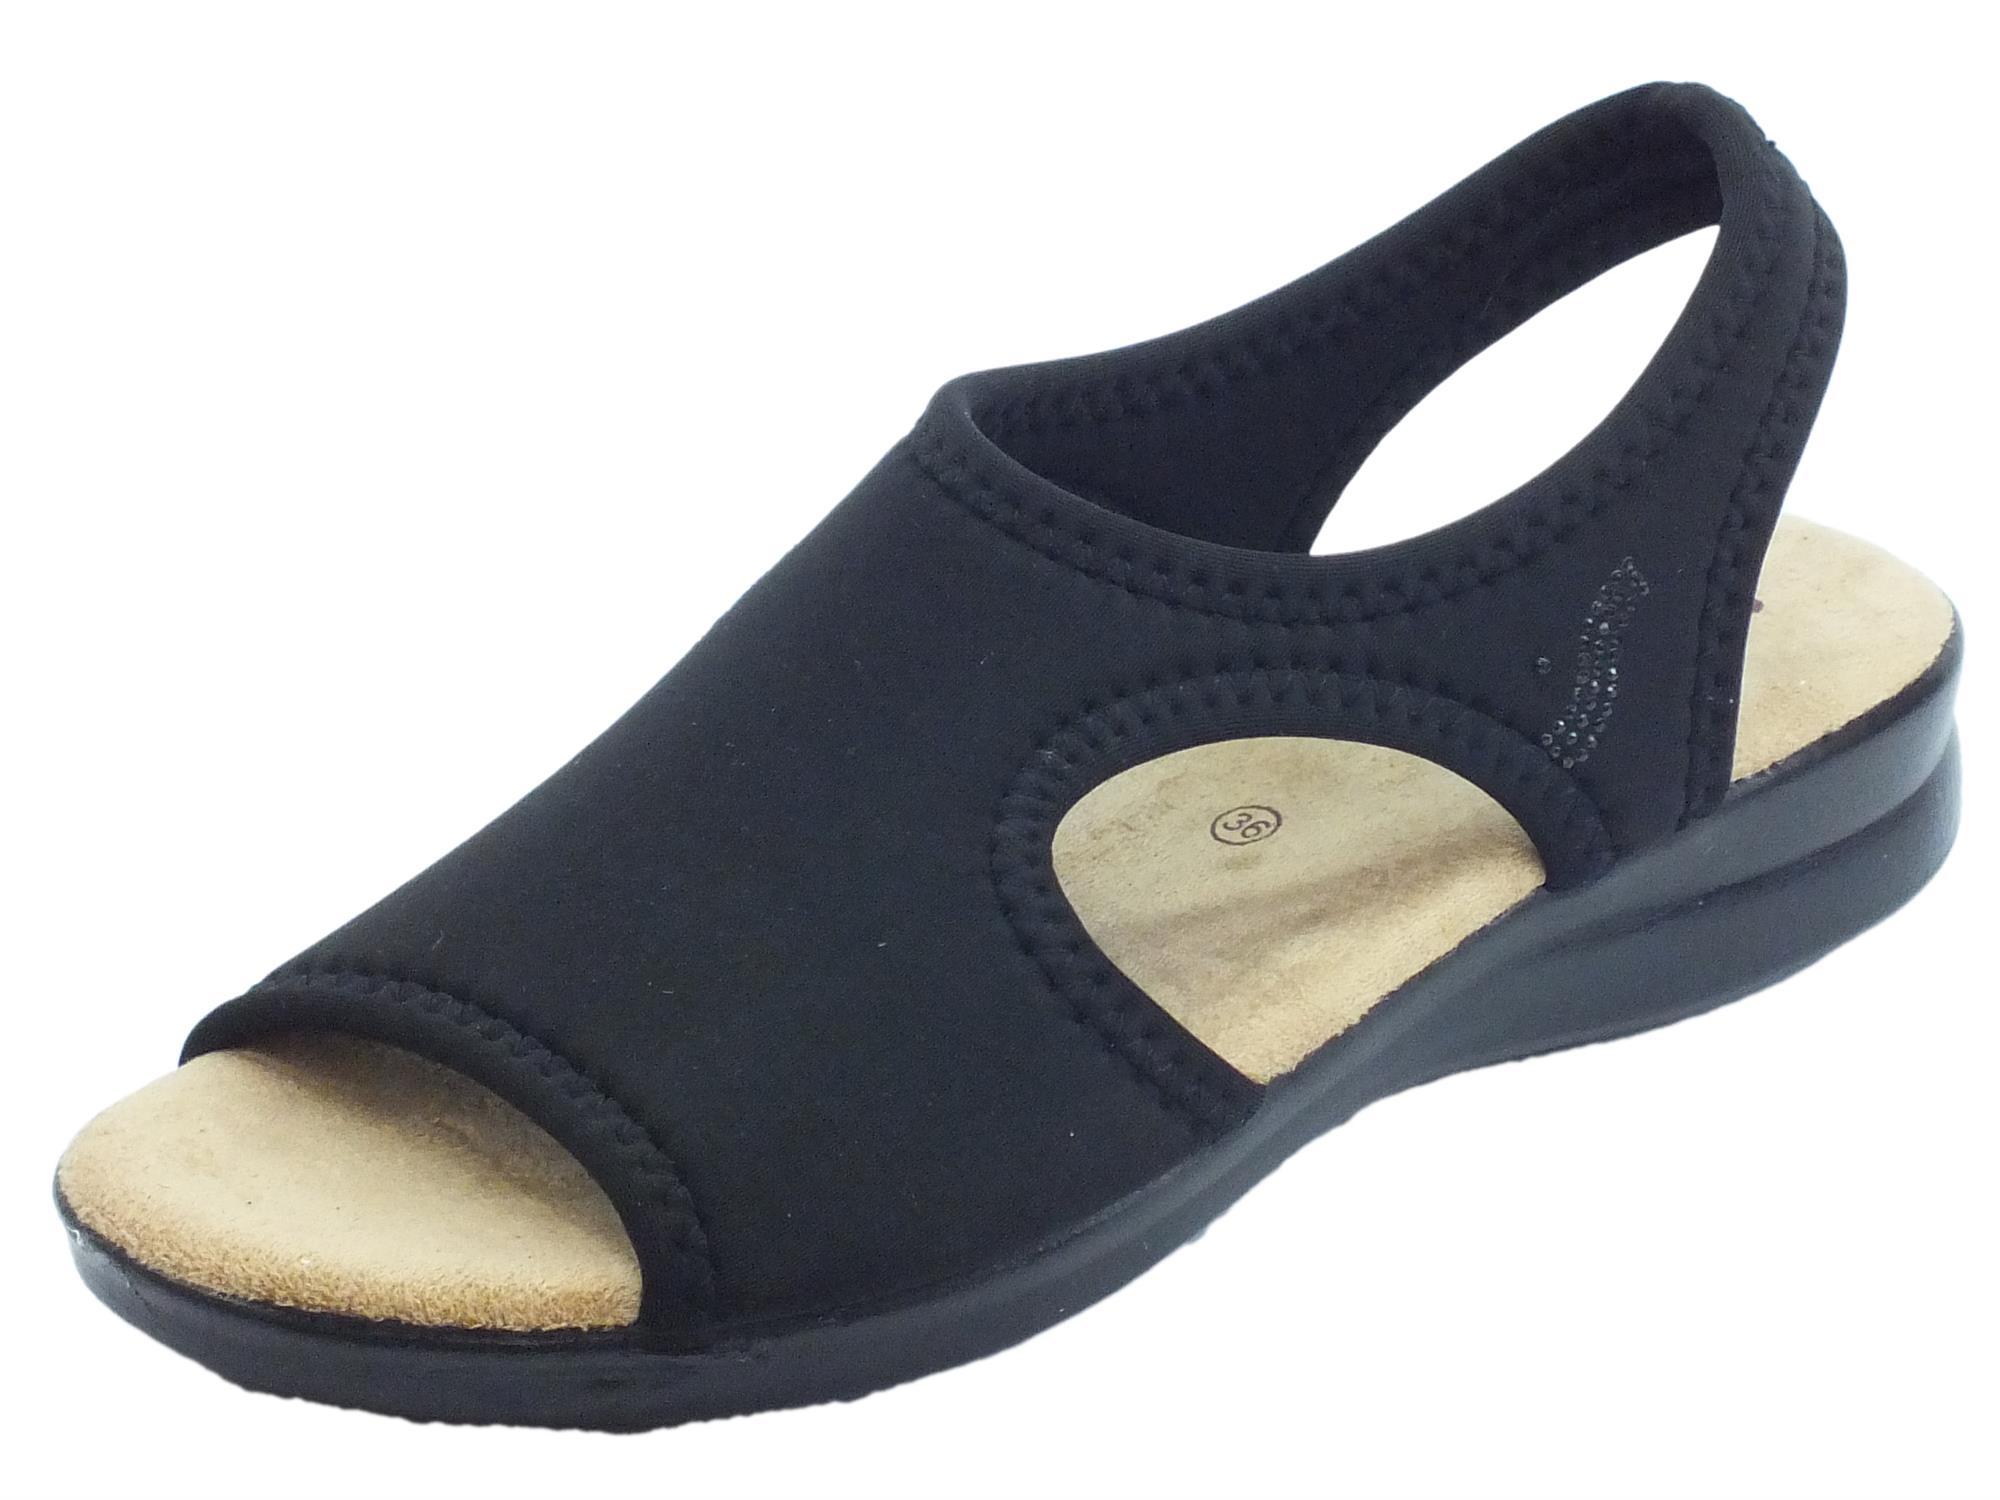 separation shoes 806ad a058f Susimoda sandali per donna in tessuto elasticizzato nero